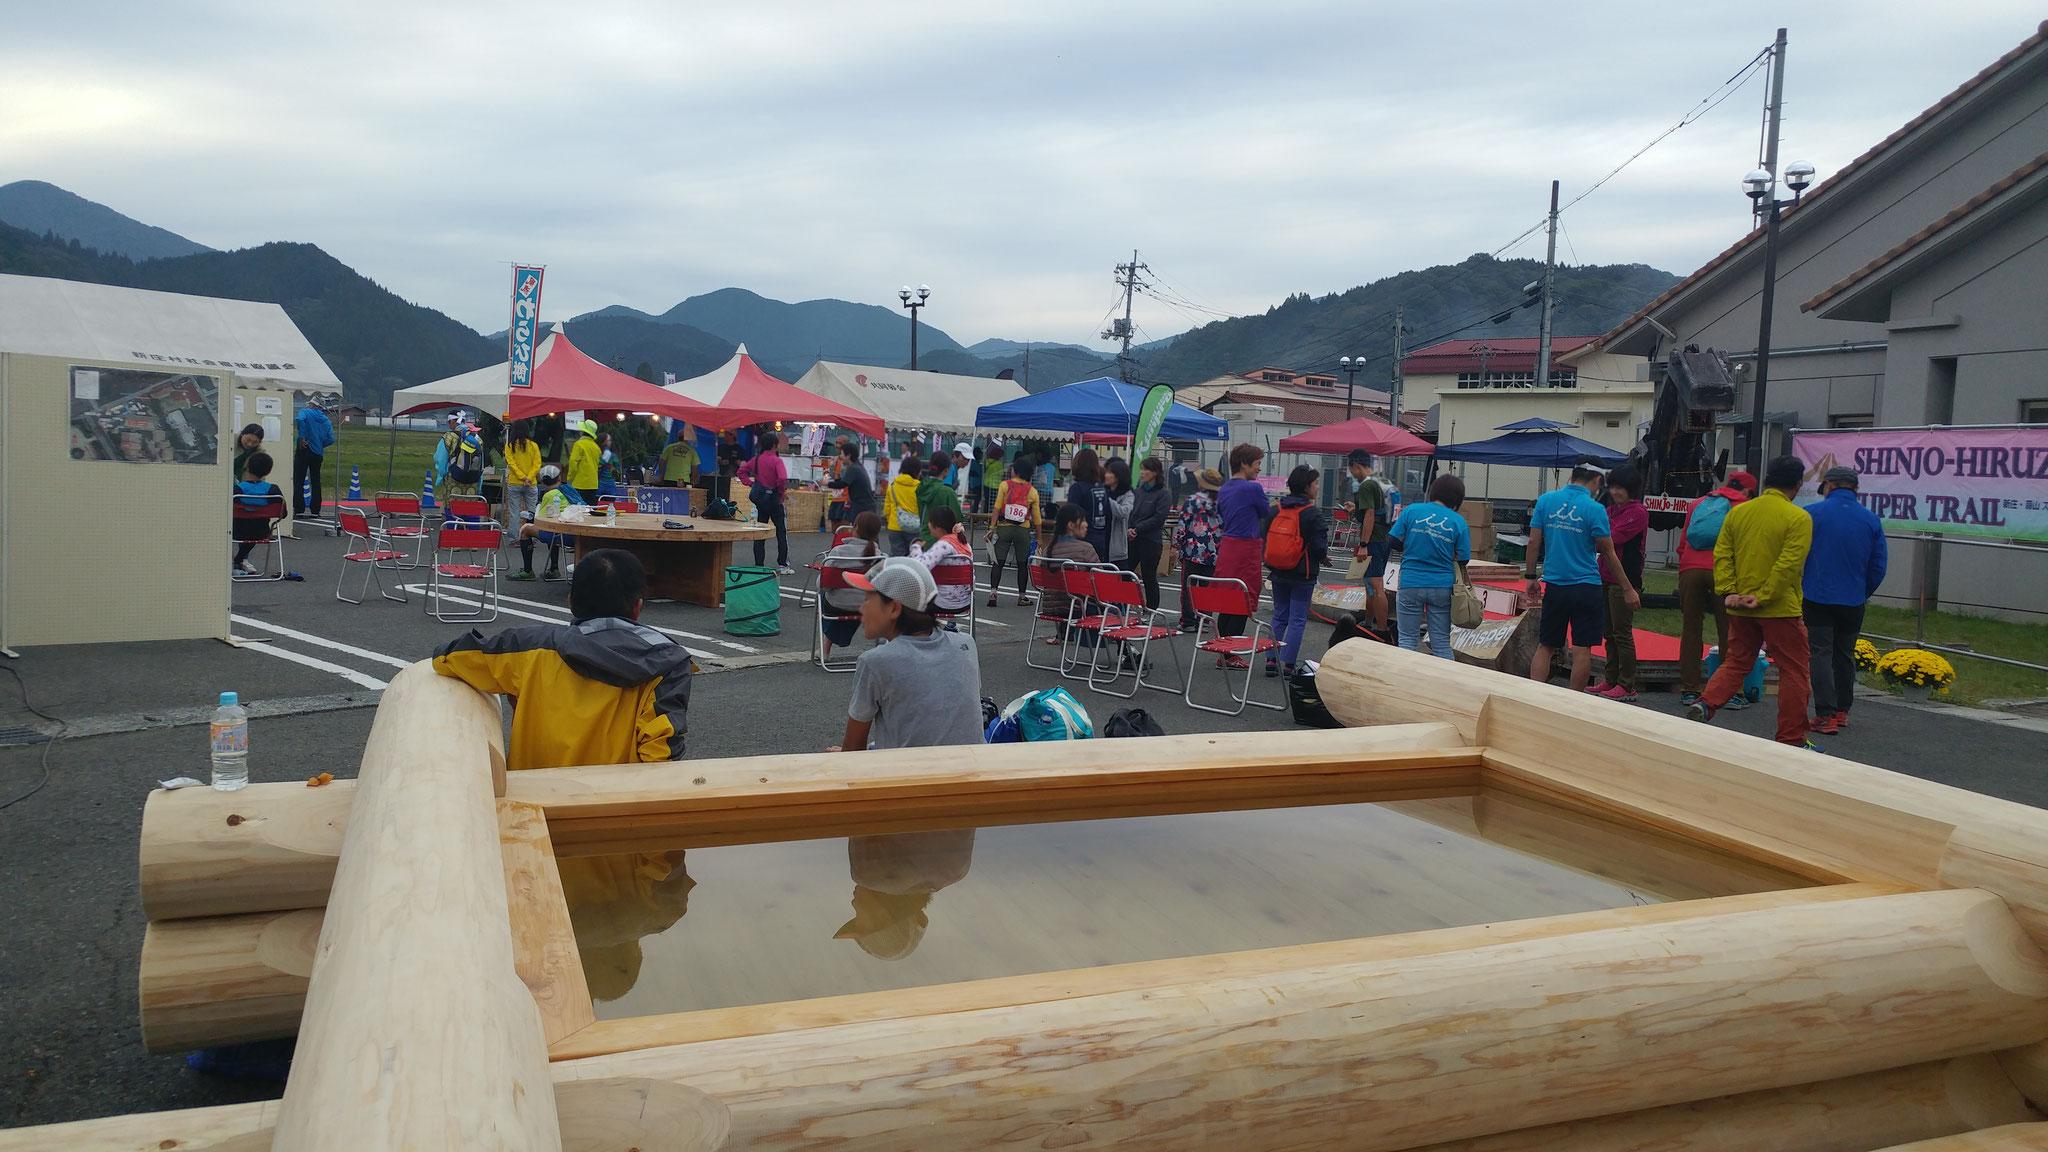 新庄村で育ったひのきで作られた足湯(中は水^^)です。 走り終わったランナーのみなさんは、ひのきの香りに包まれながら、クールダウンをします。